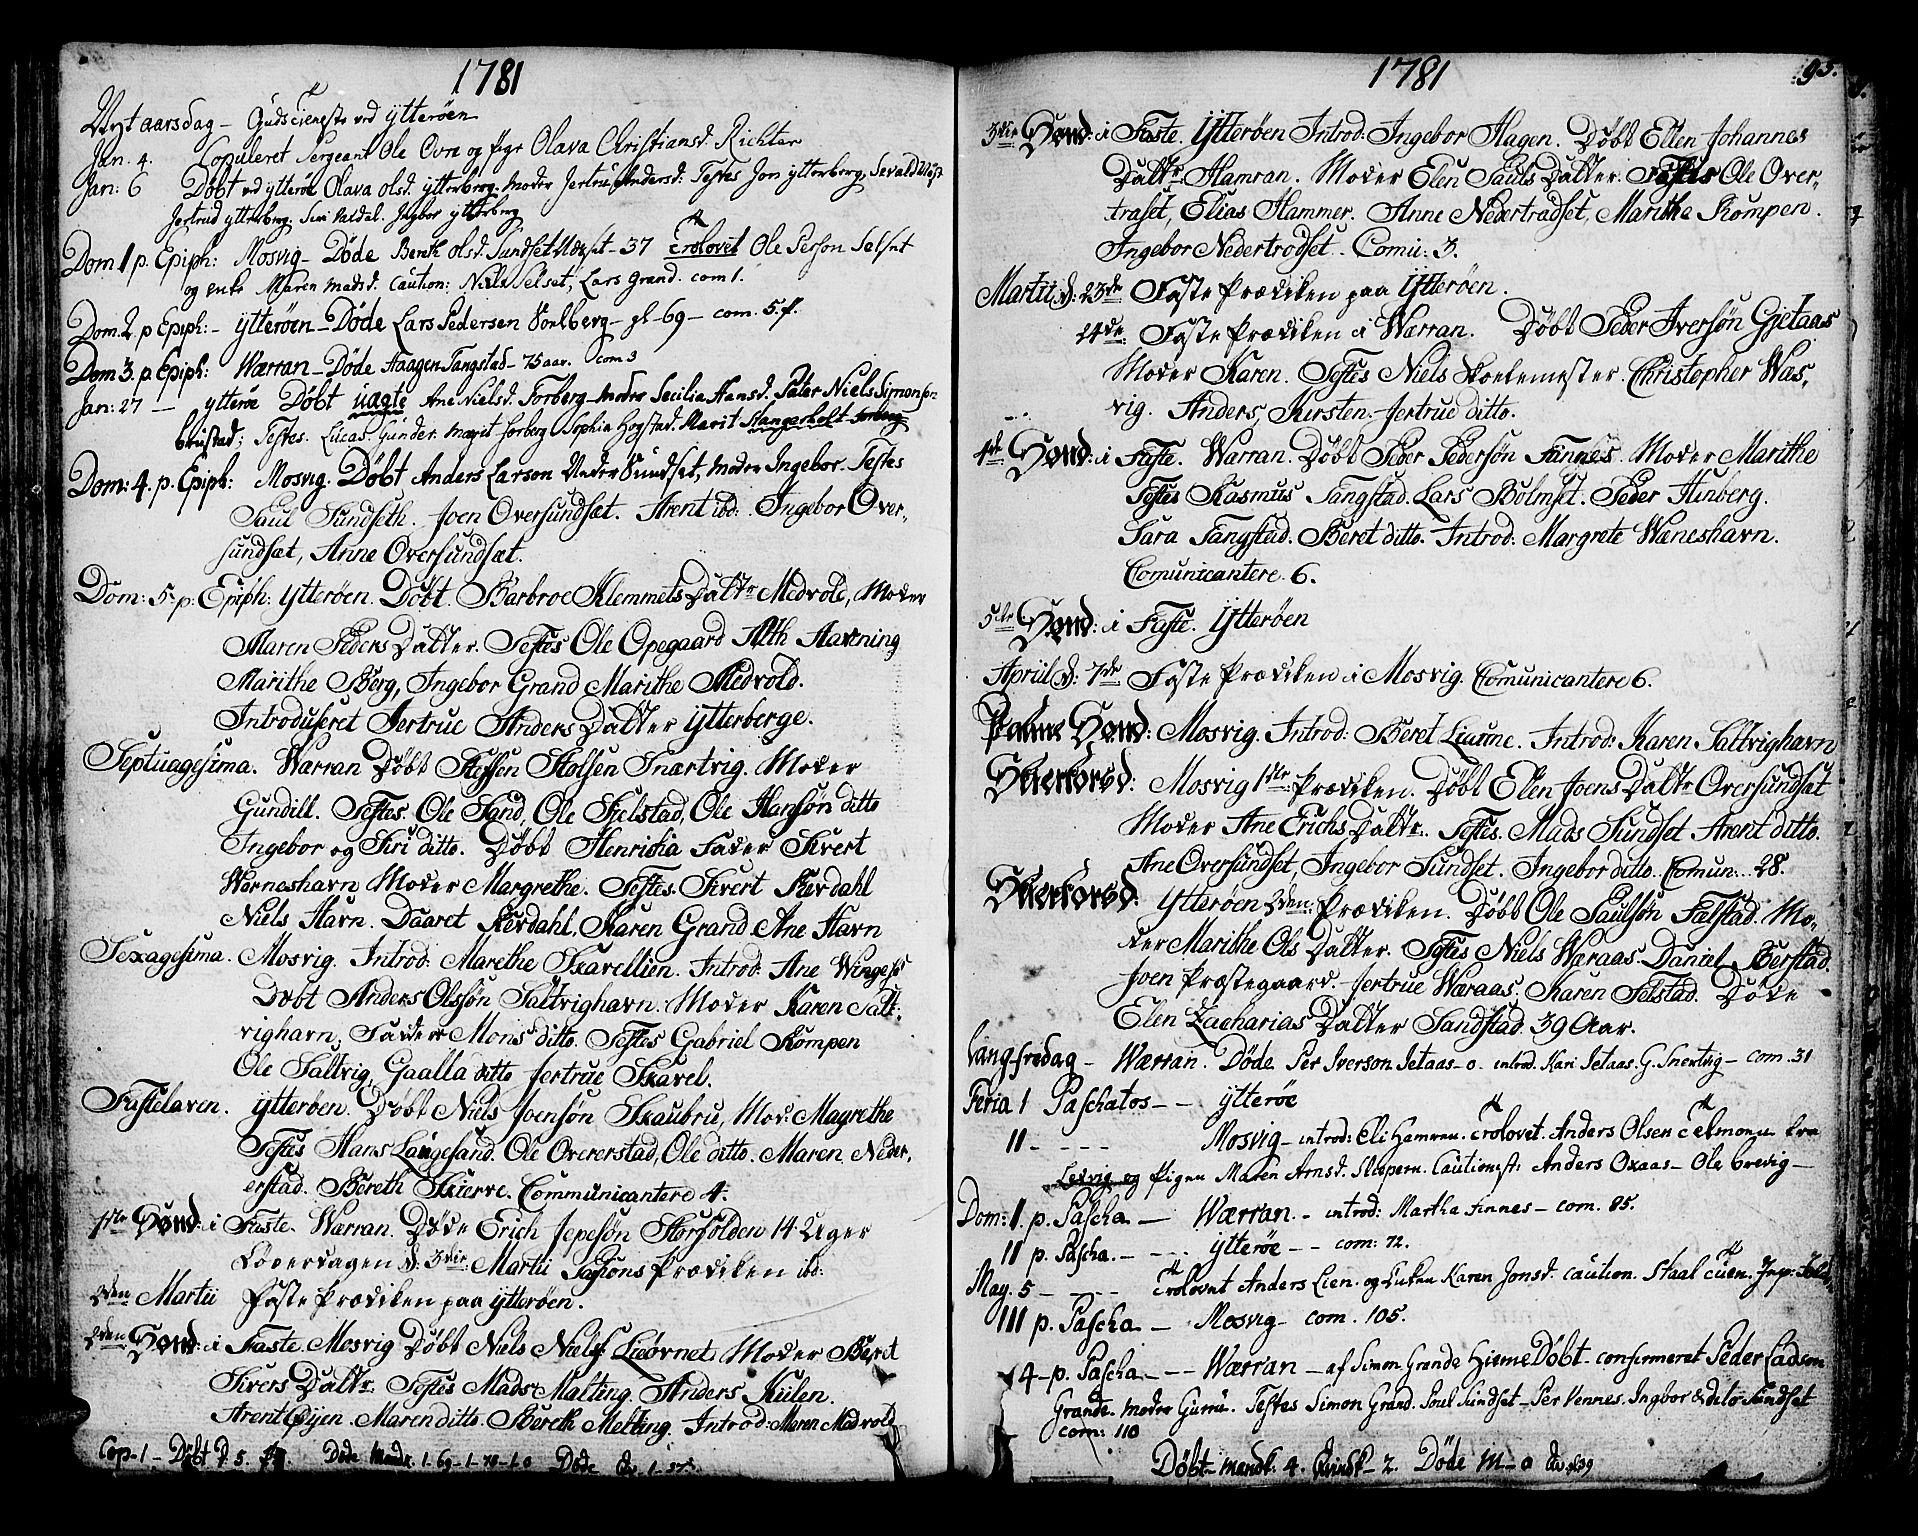 SAT, Ministerialprotokoller, klokkerbøker og fødselsregistre - Nord-Trøndelag, 722/L0216: Ministerialbok nr. 722A03, 1756-1816, s. 95